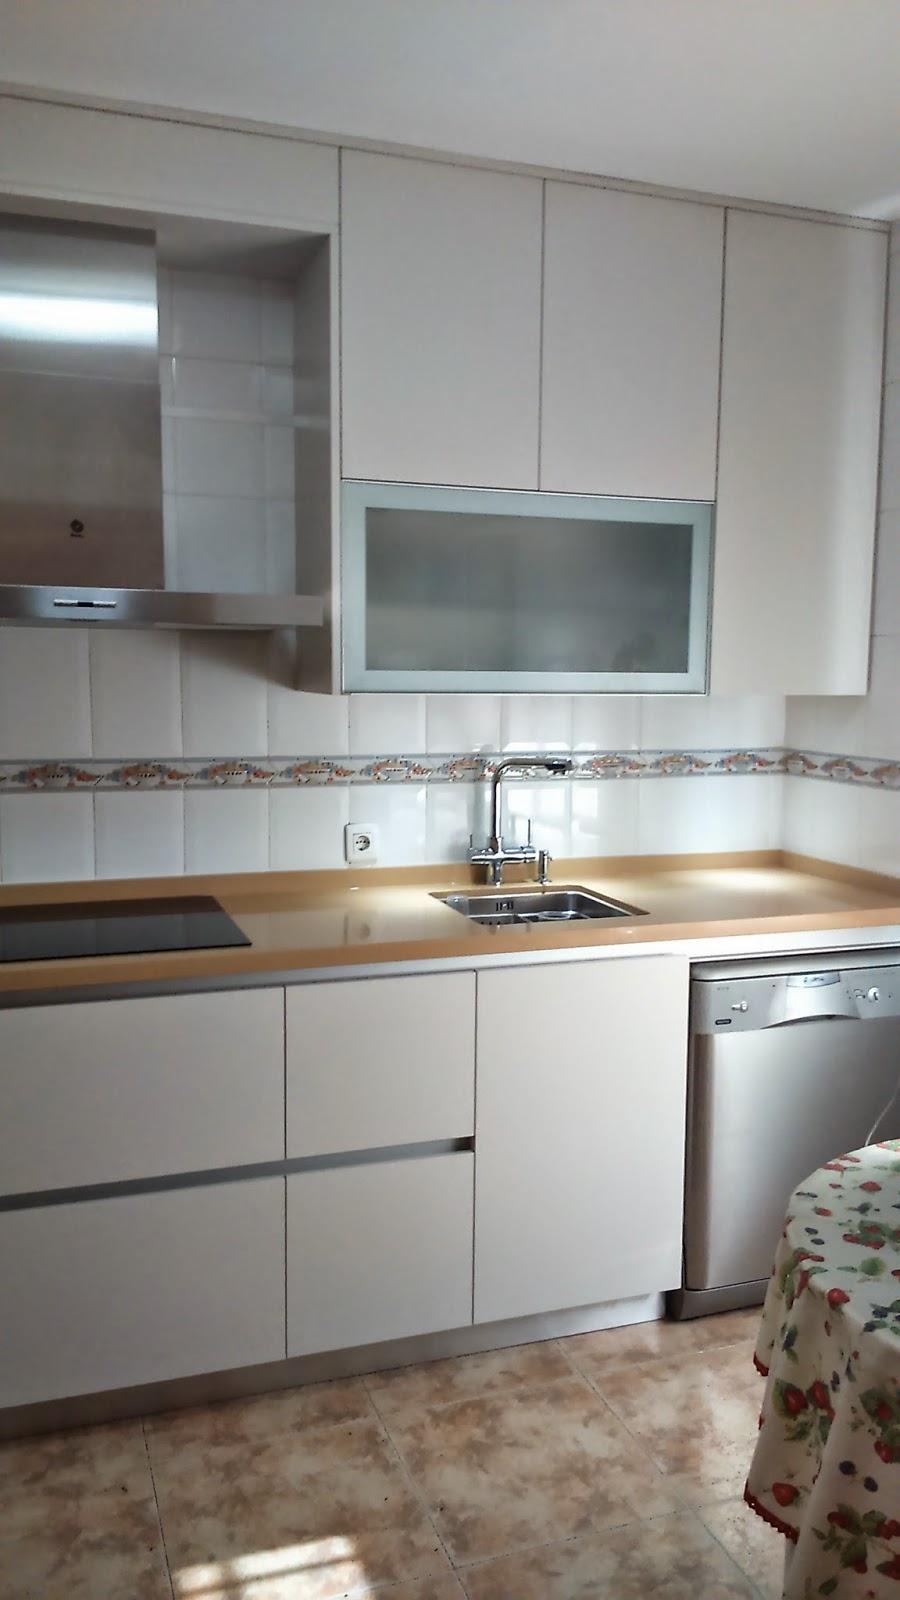 Como Limpiar Muebles Blanco Mate Good Por Otro Lado Quiz La Opcin  ~ Limpiar Muebles De Cocina De Formica Mate